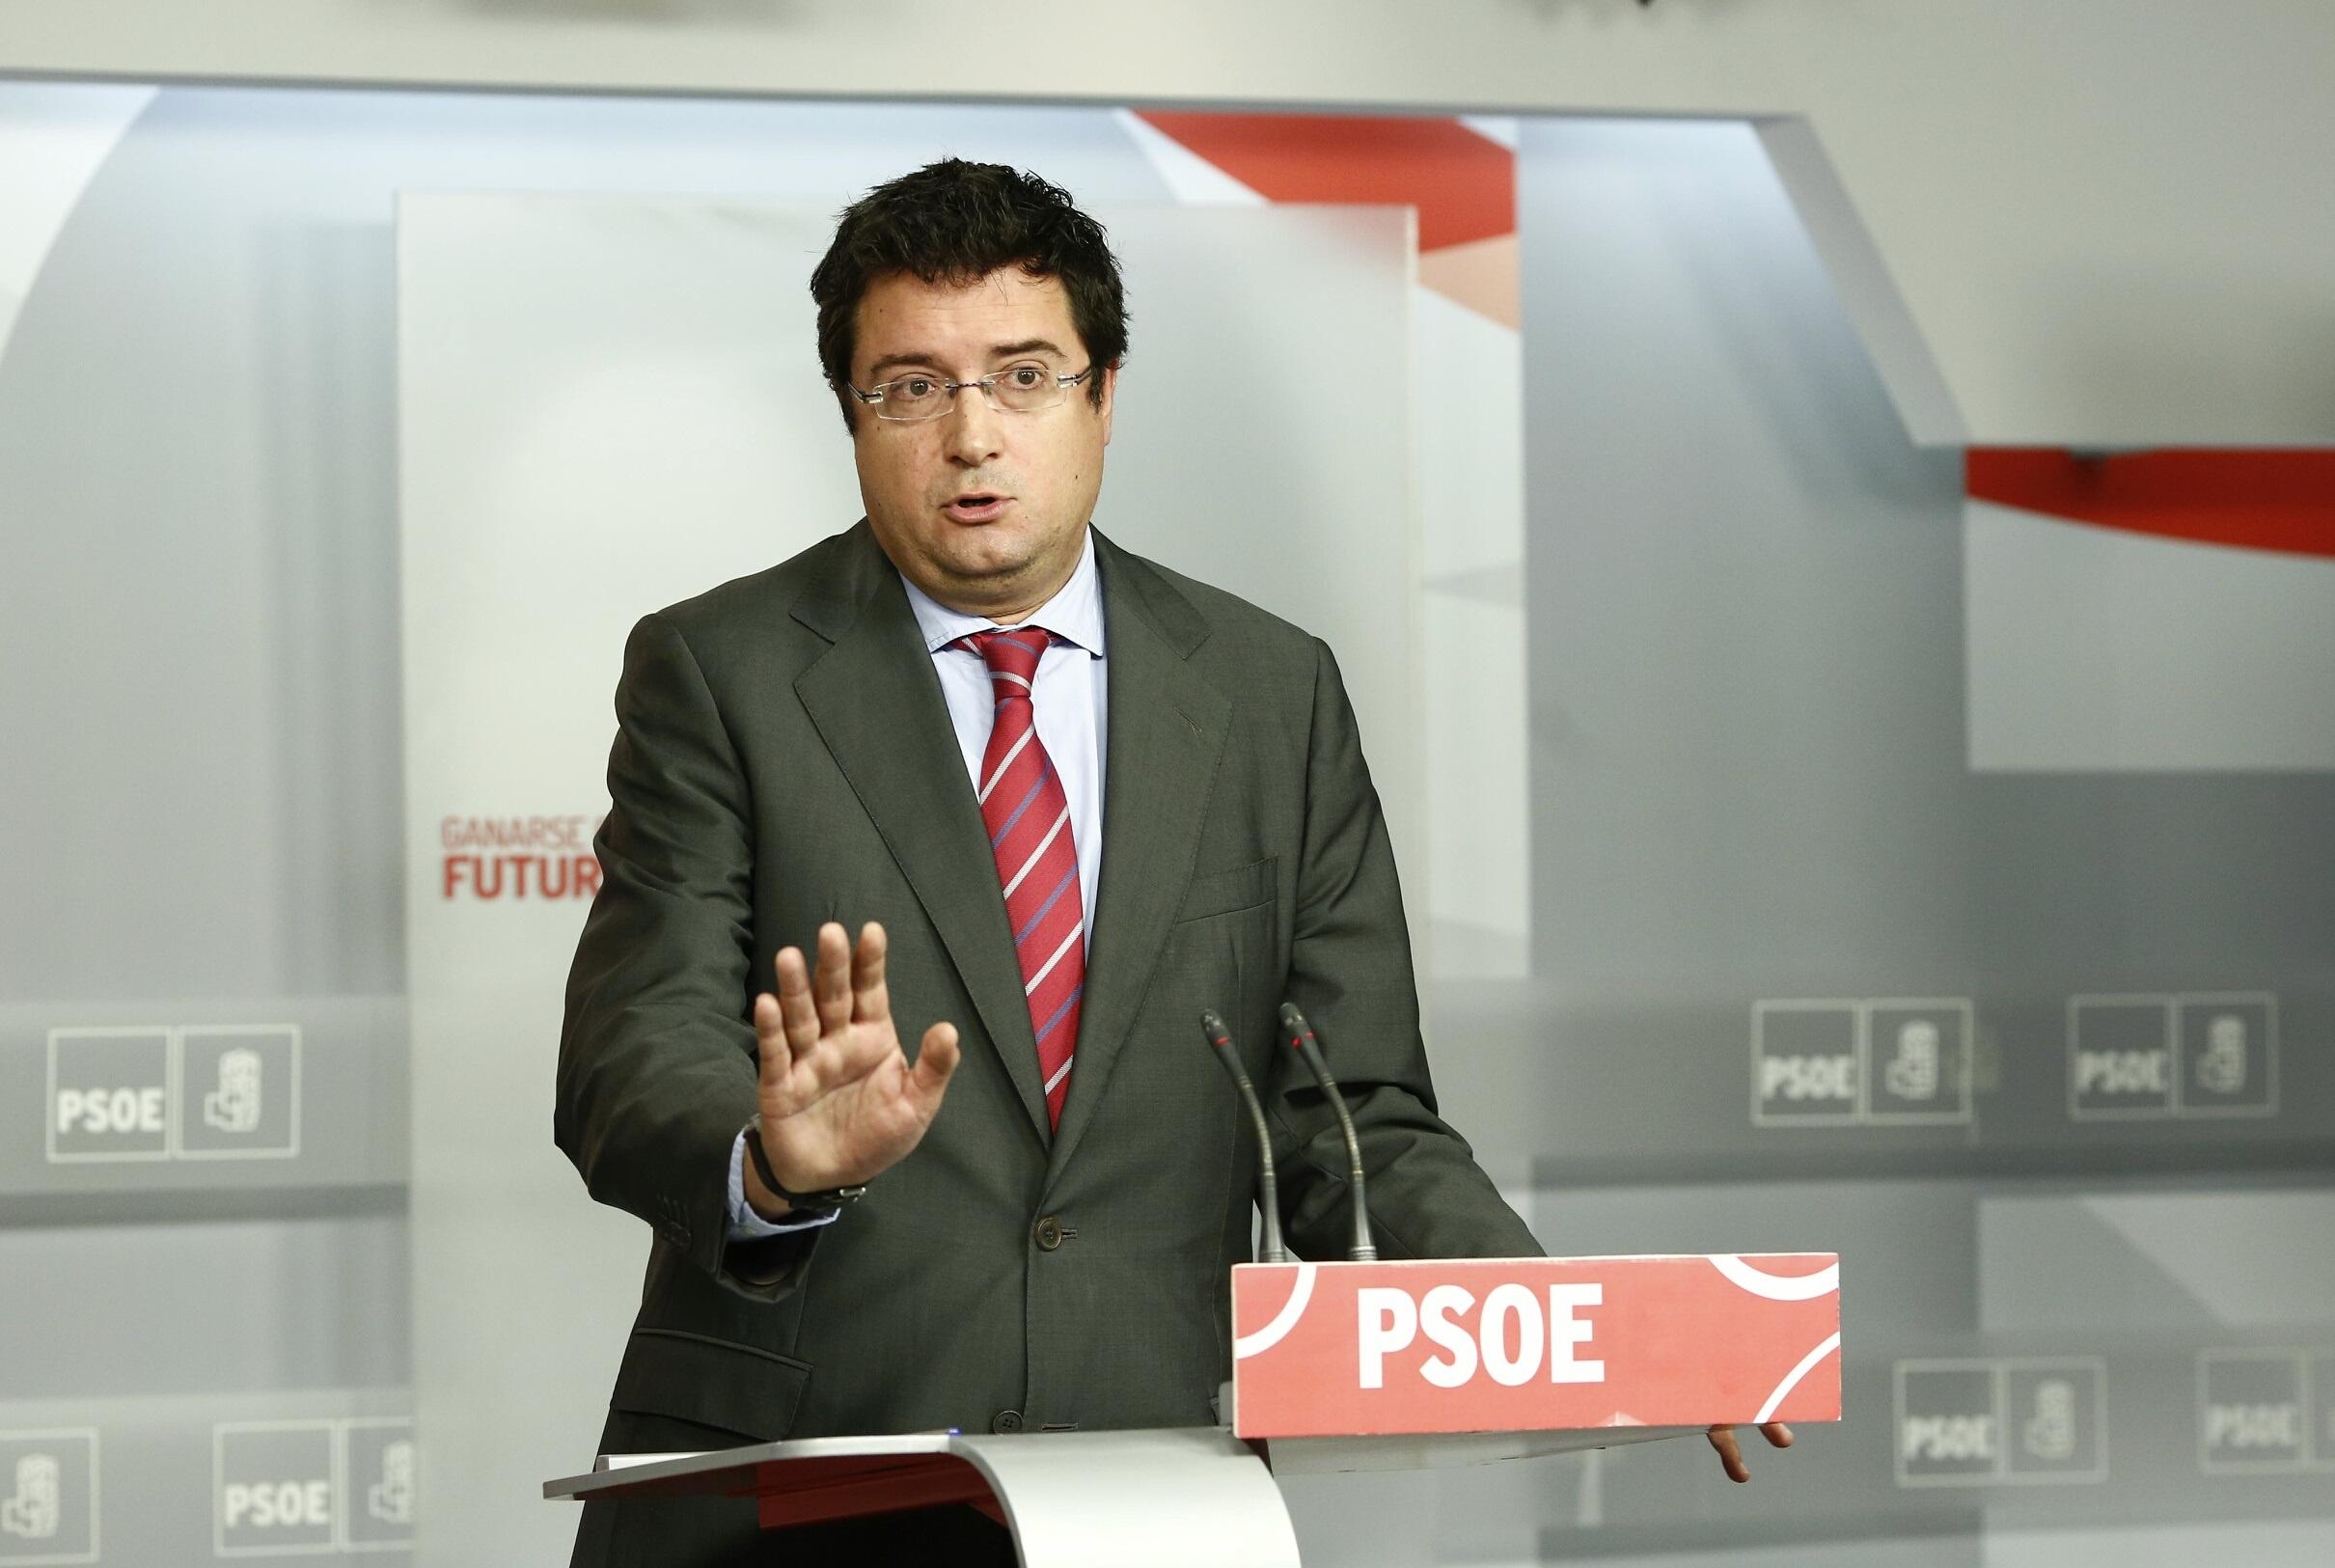 El PSOE traslada a Almunia su oposición a la devolución del »tax lease» y asegura que apoyará al Gobierno